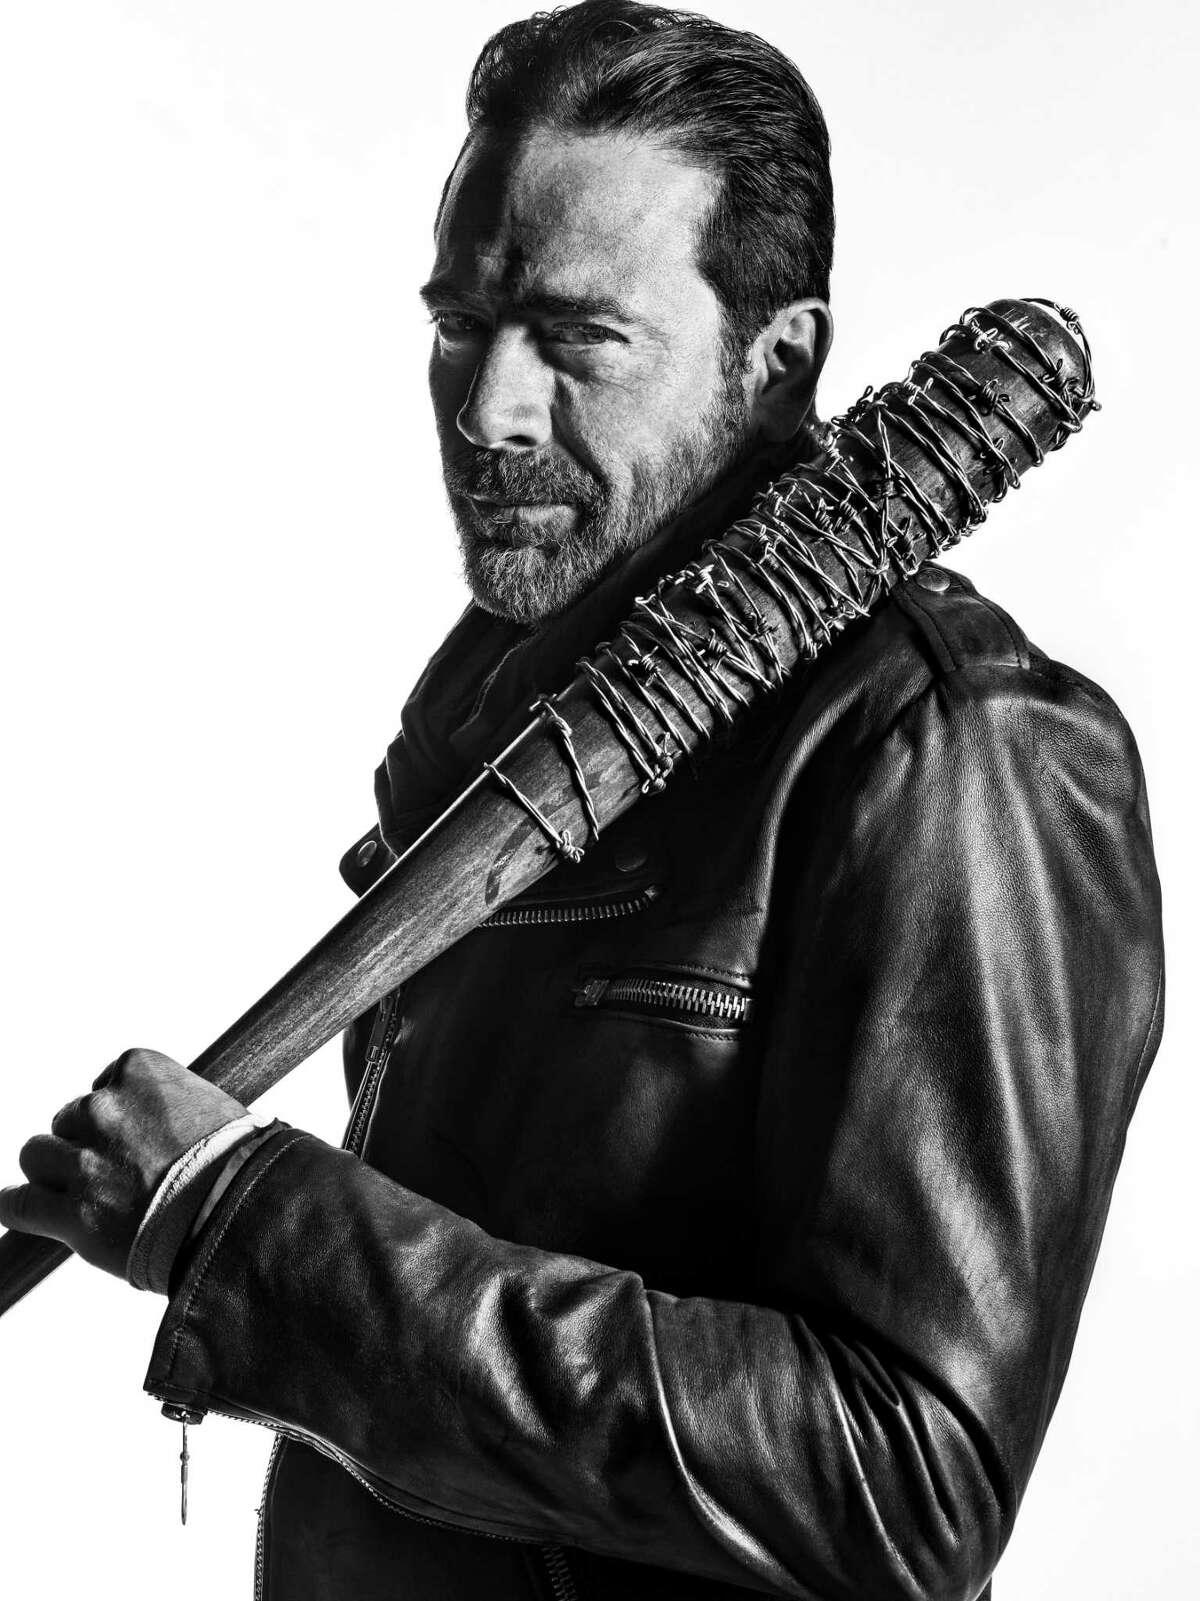 Jeffrey Dean Morgan's bat-wielding Negan is a fan favorite on